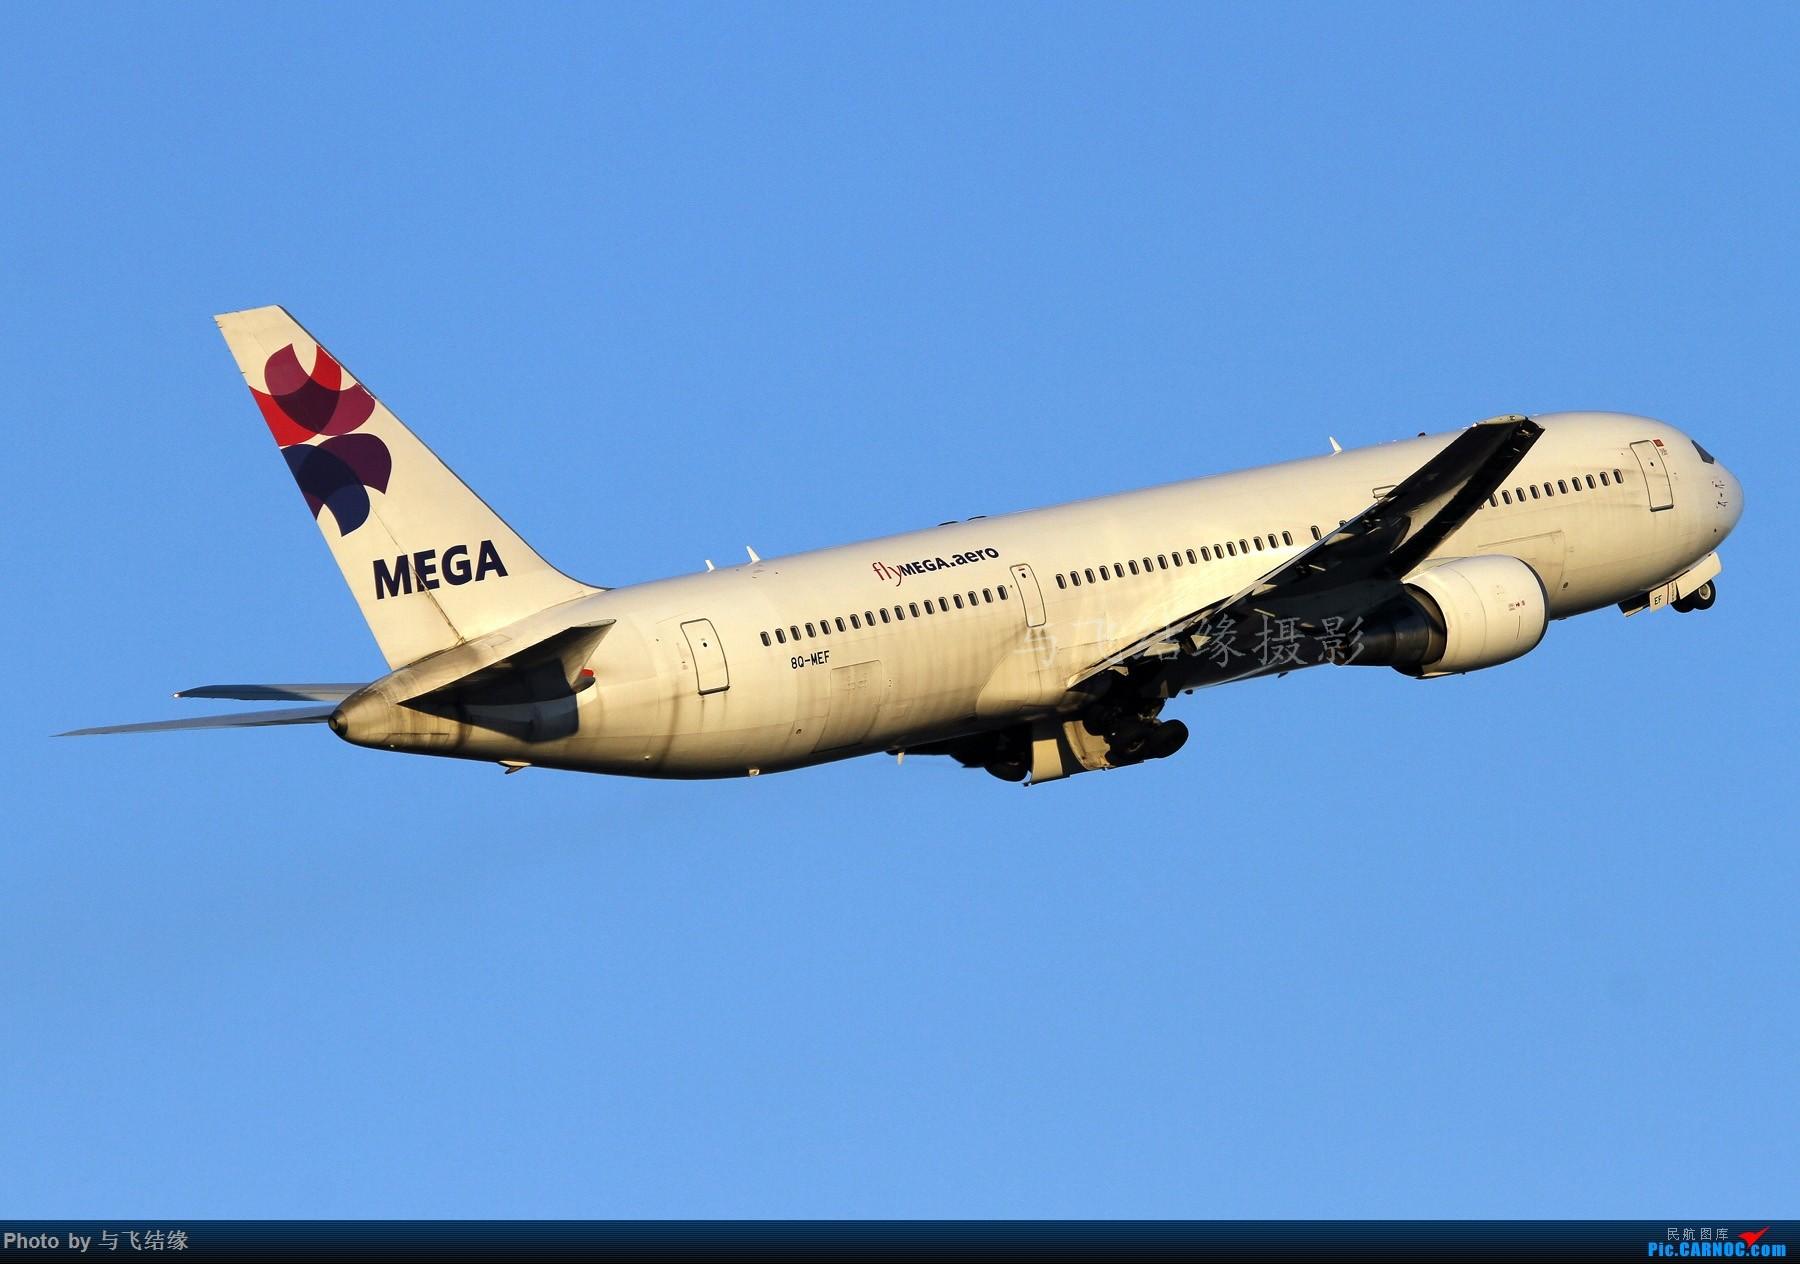 """Re:[原创]""""早起的鸟儿有虫吃""""祥鹏航空,美佳航空,土库曼斯坦航空等! BOEING 767-300ER 8Q-MEF 中国北京首都国际机场"""